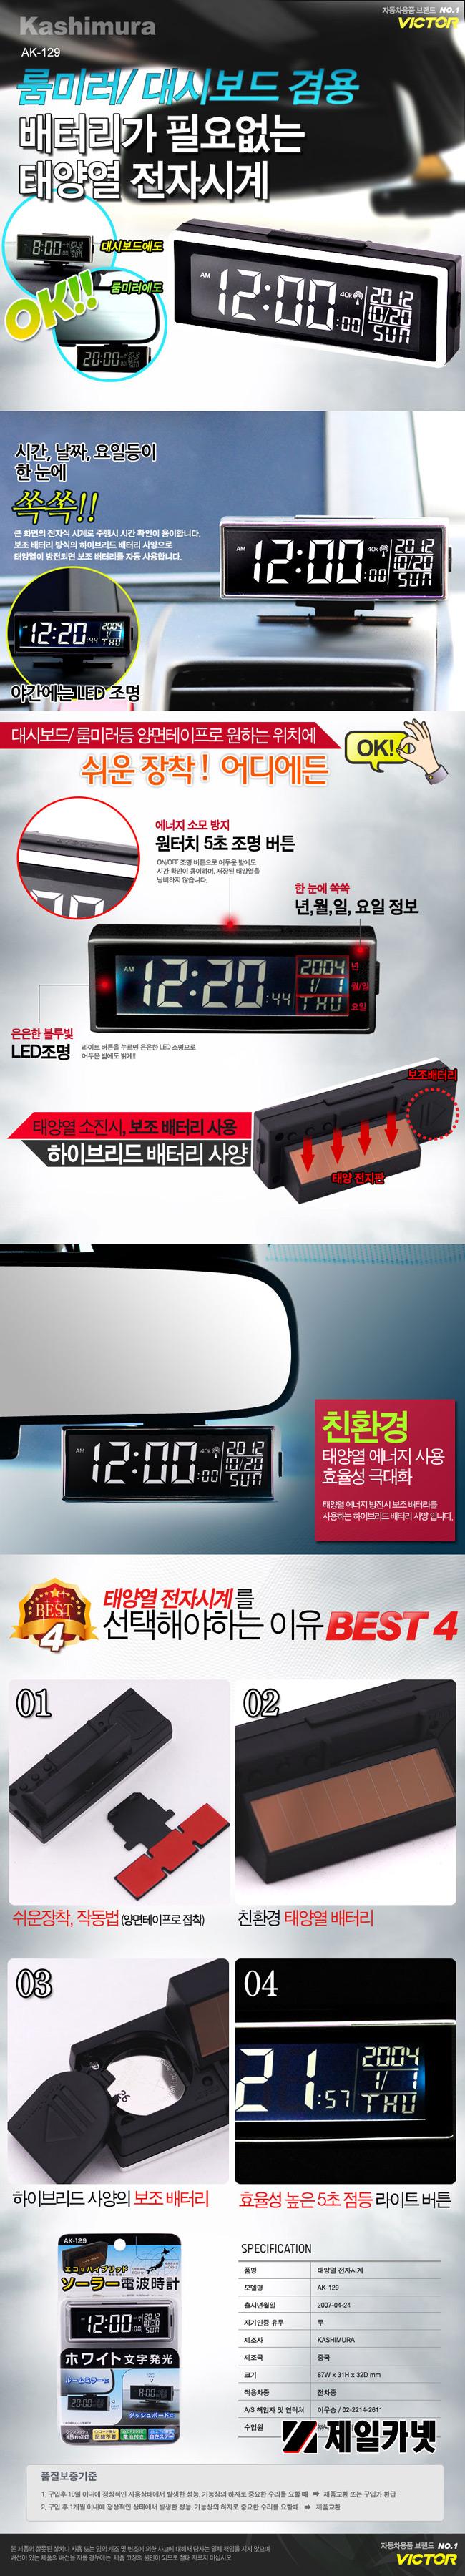 카시무라 AK-129 룸미러/대시보드 겸용 배터리가 필요없는 태양열 전자시계[KASHIMURA]